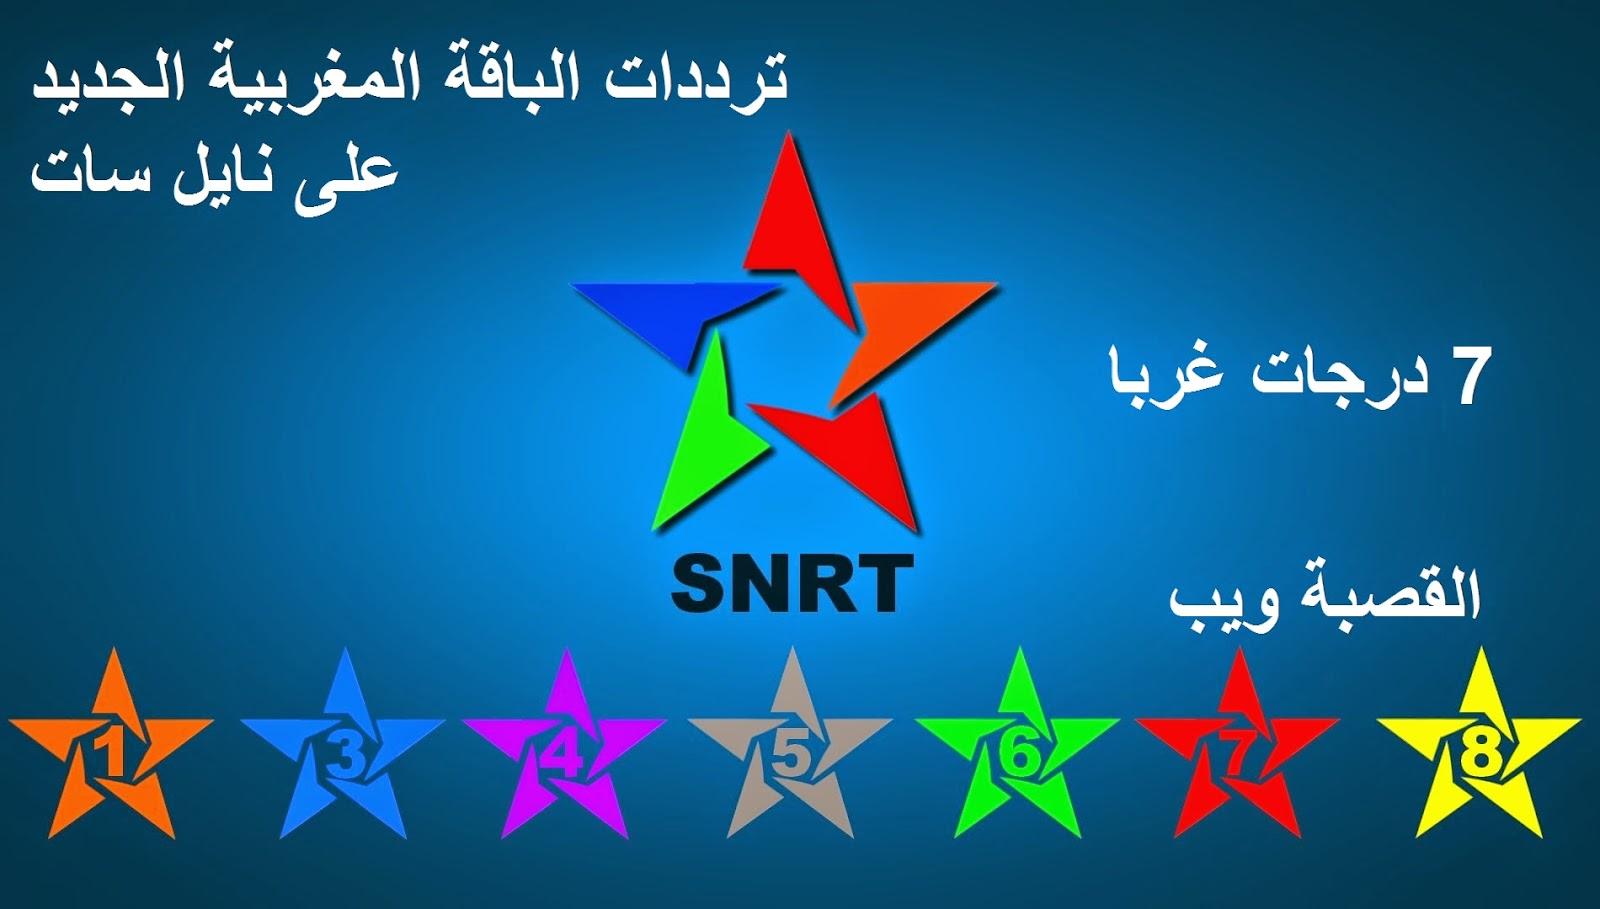 ترددات القنوات المغربية الجديدة على النايل سات 2015   ترددات النايل سات 2015